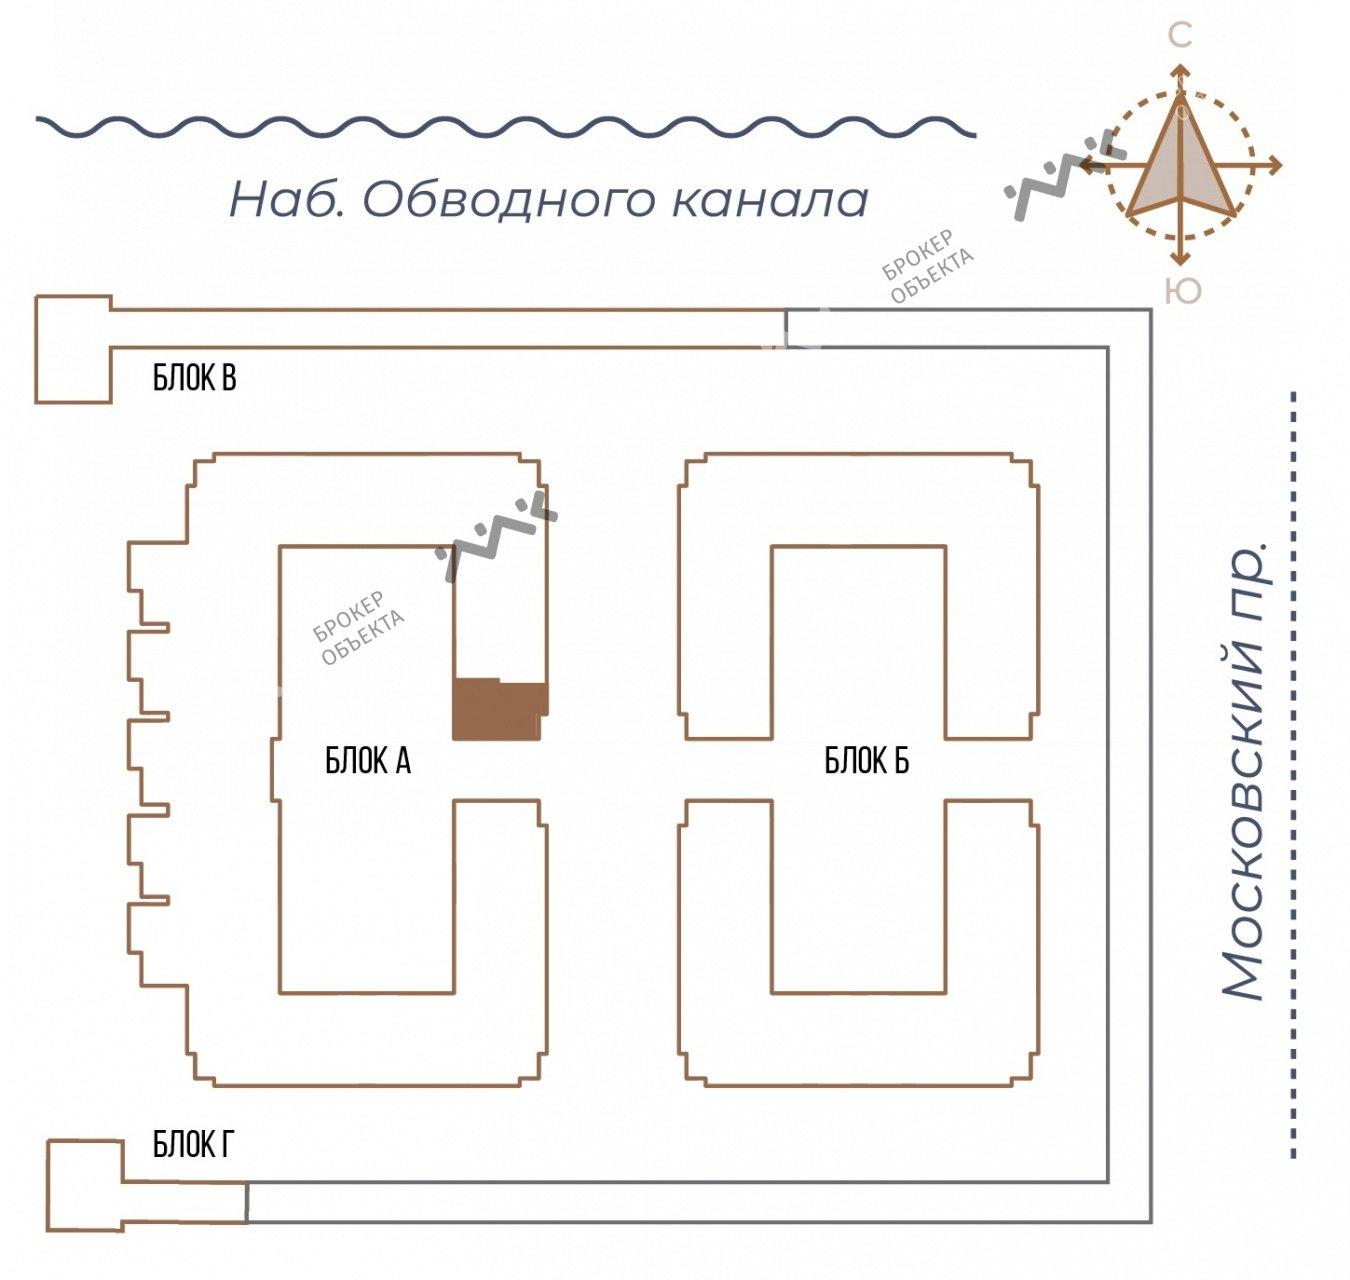 Планировка Московский проспект, д.65. Лот № 27730759